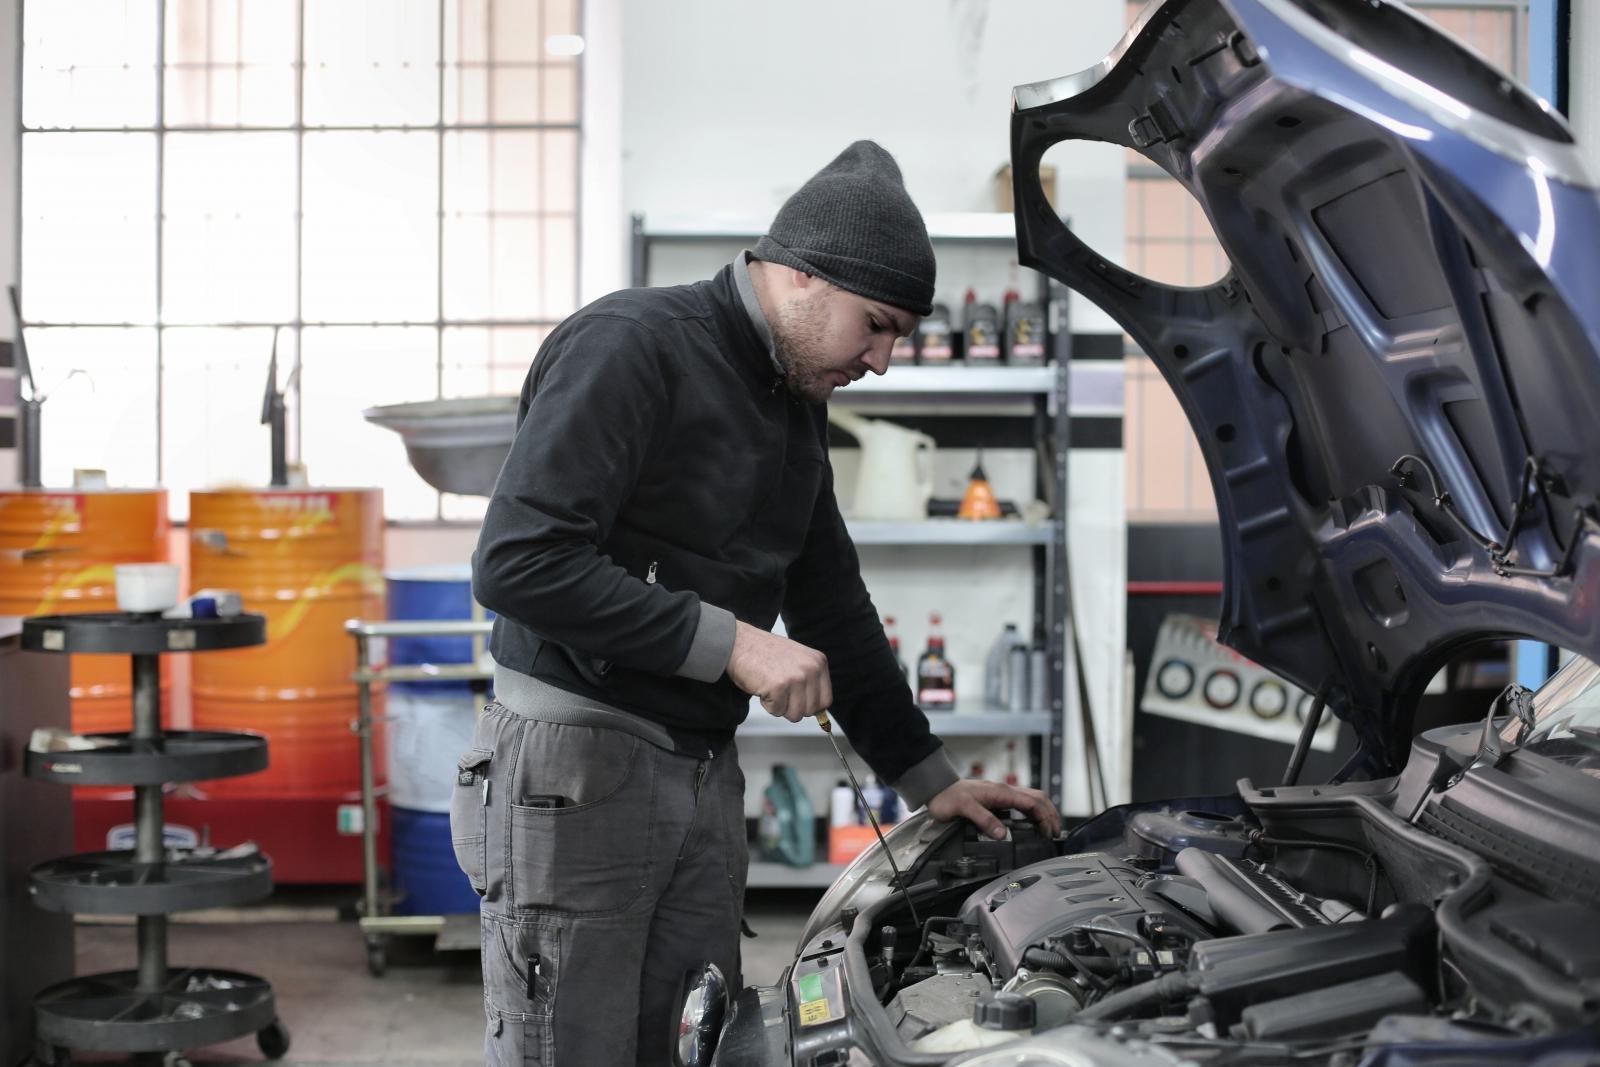 【汽車專知】汽車冷卻系統是什麼?冷卻系統該如何維護?